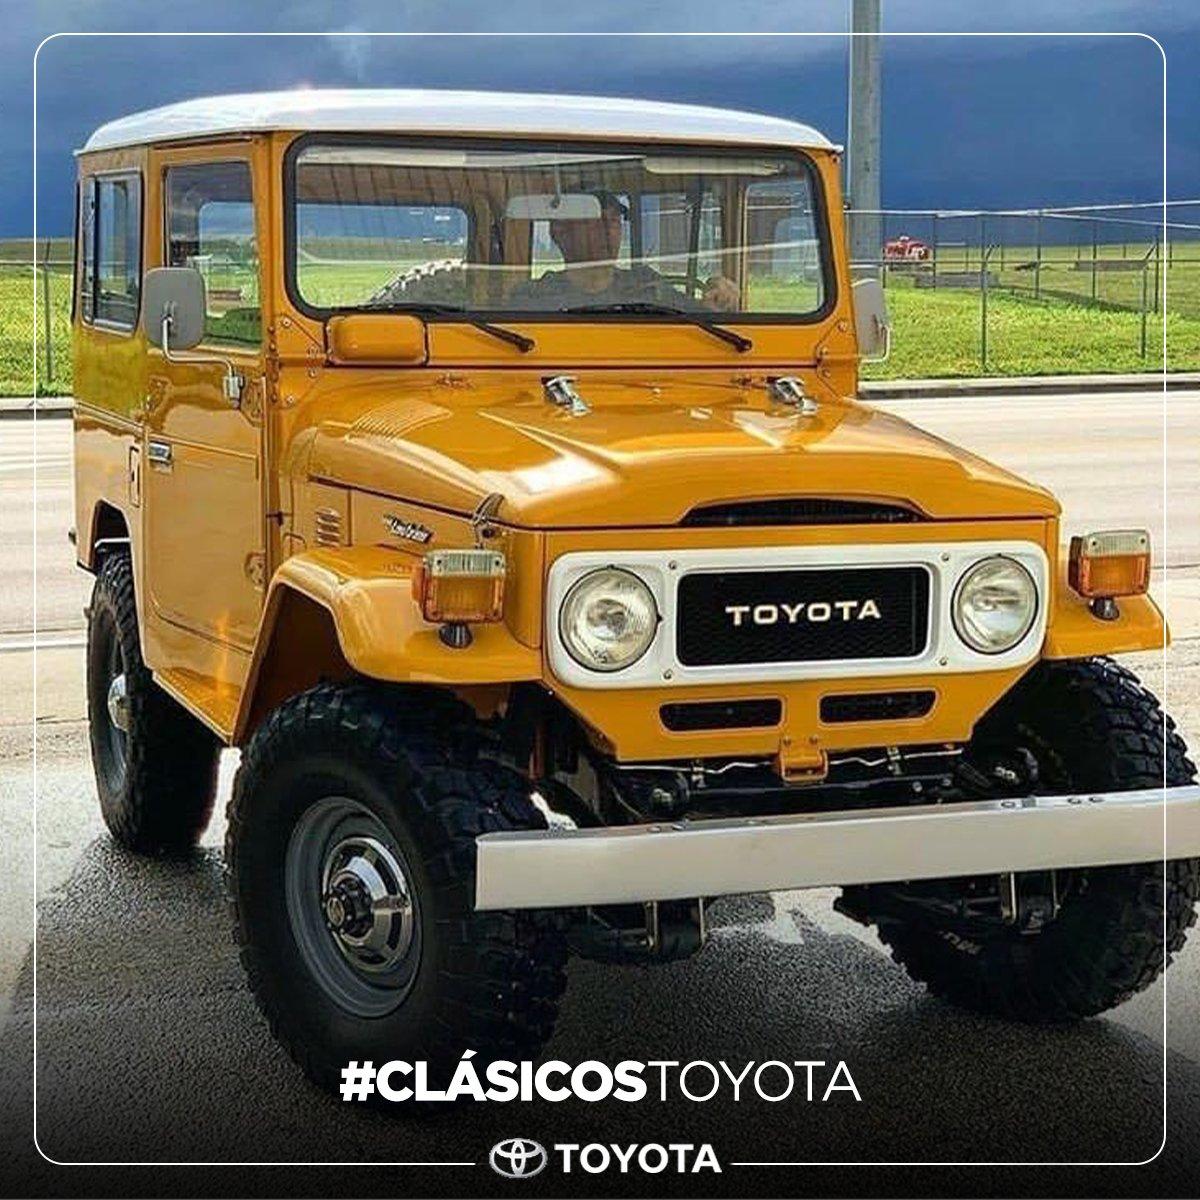 ¡Lo clásico nunca pasa de moda!  #toyota #landcruiser #clasicostoyota https://t.co/mNlXuSOpU7